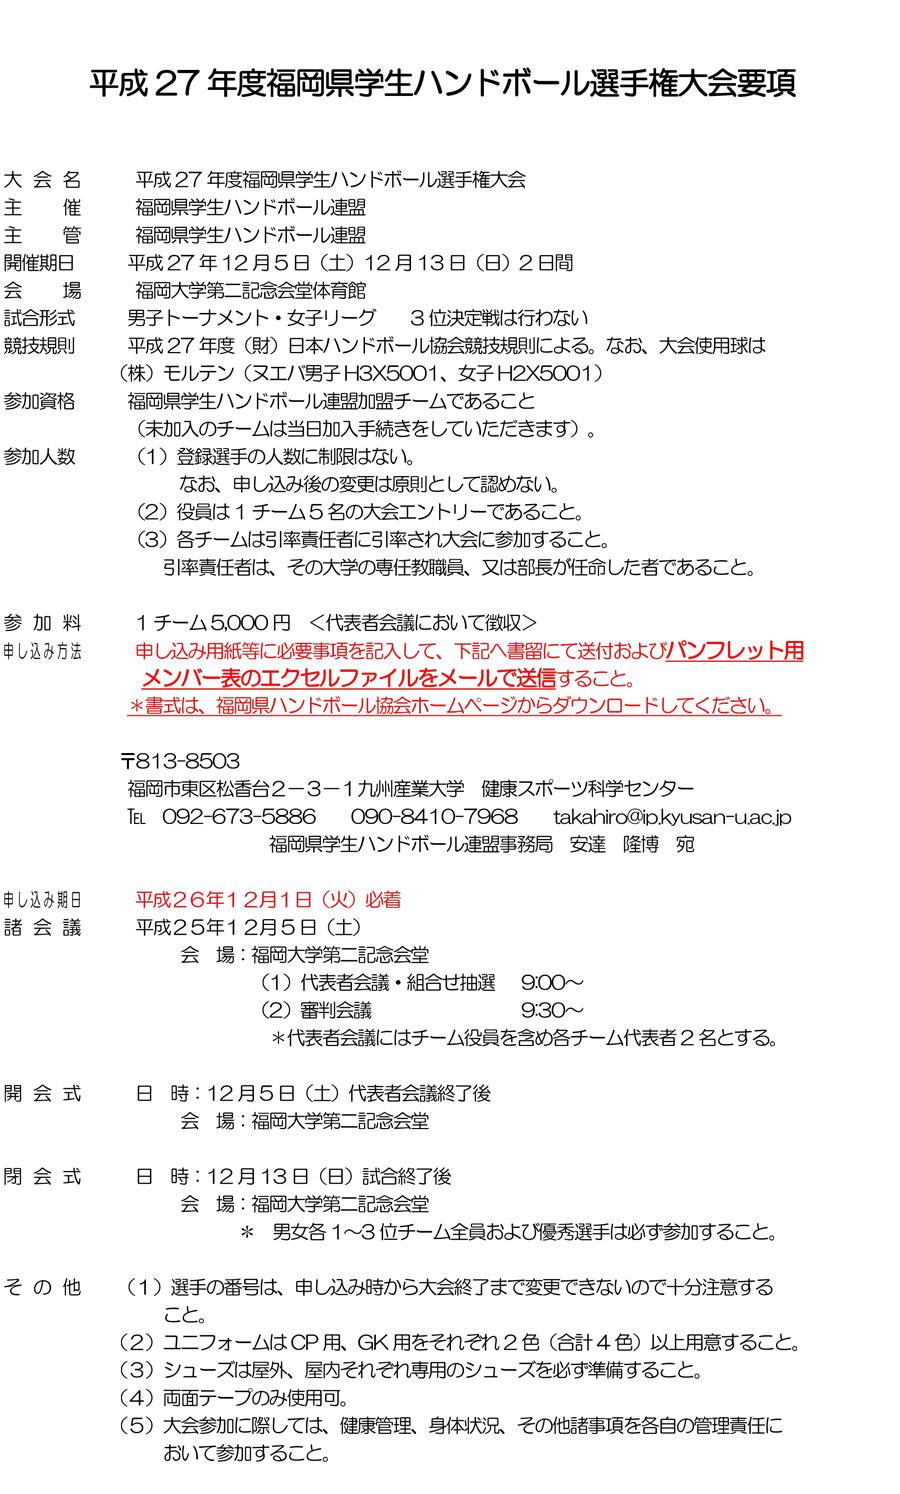 2015dai_kensensyuken_youkou